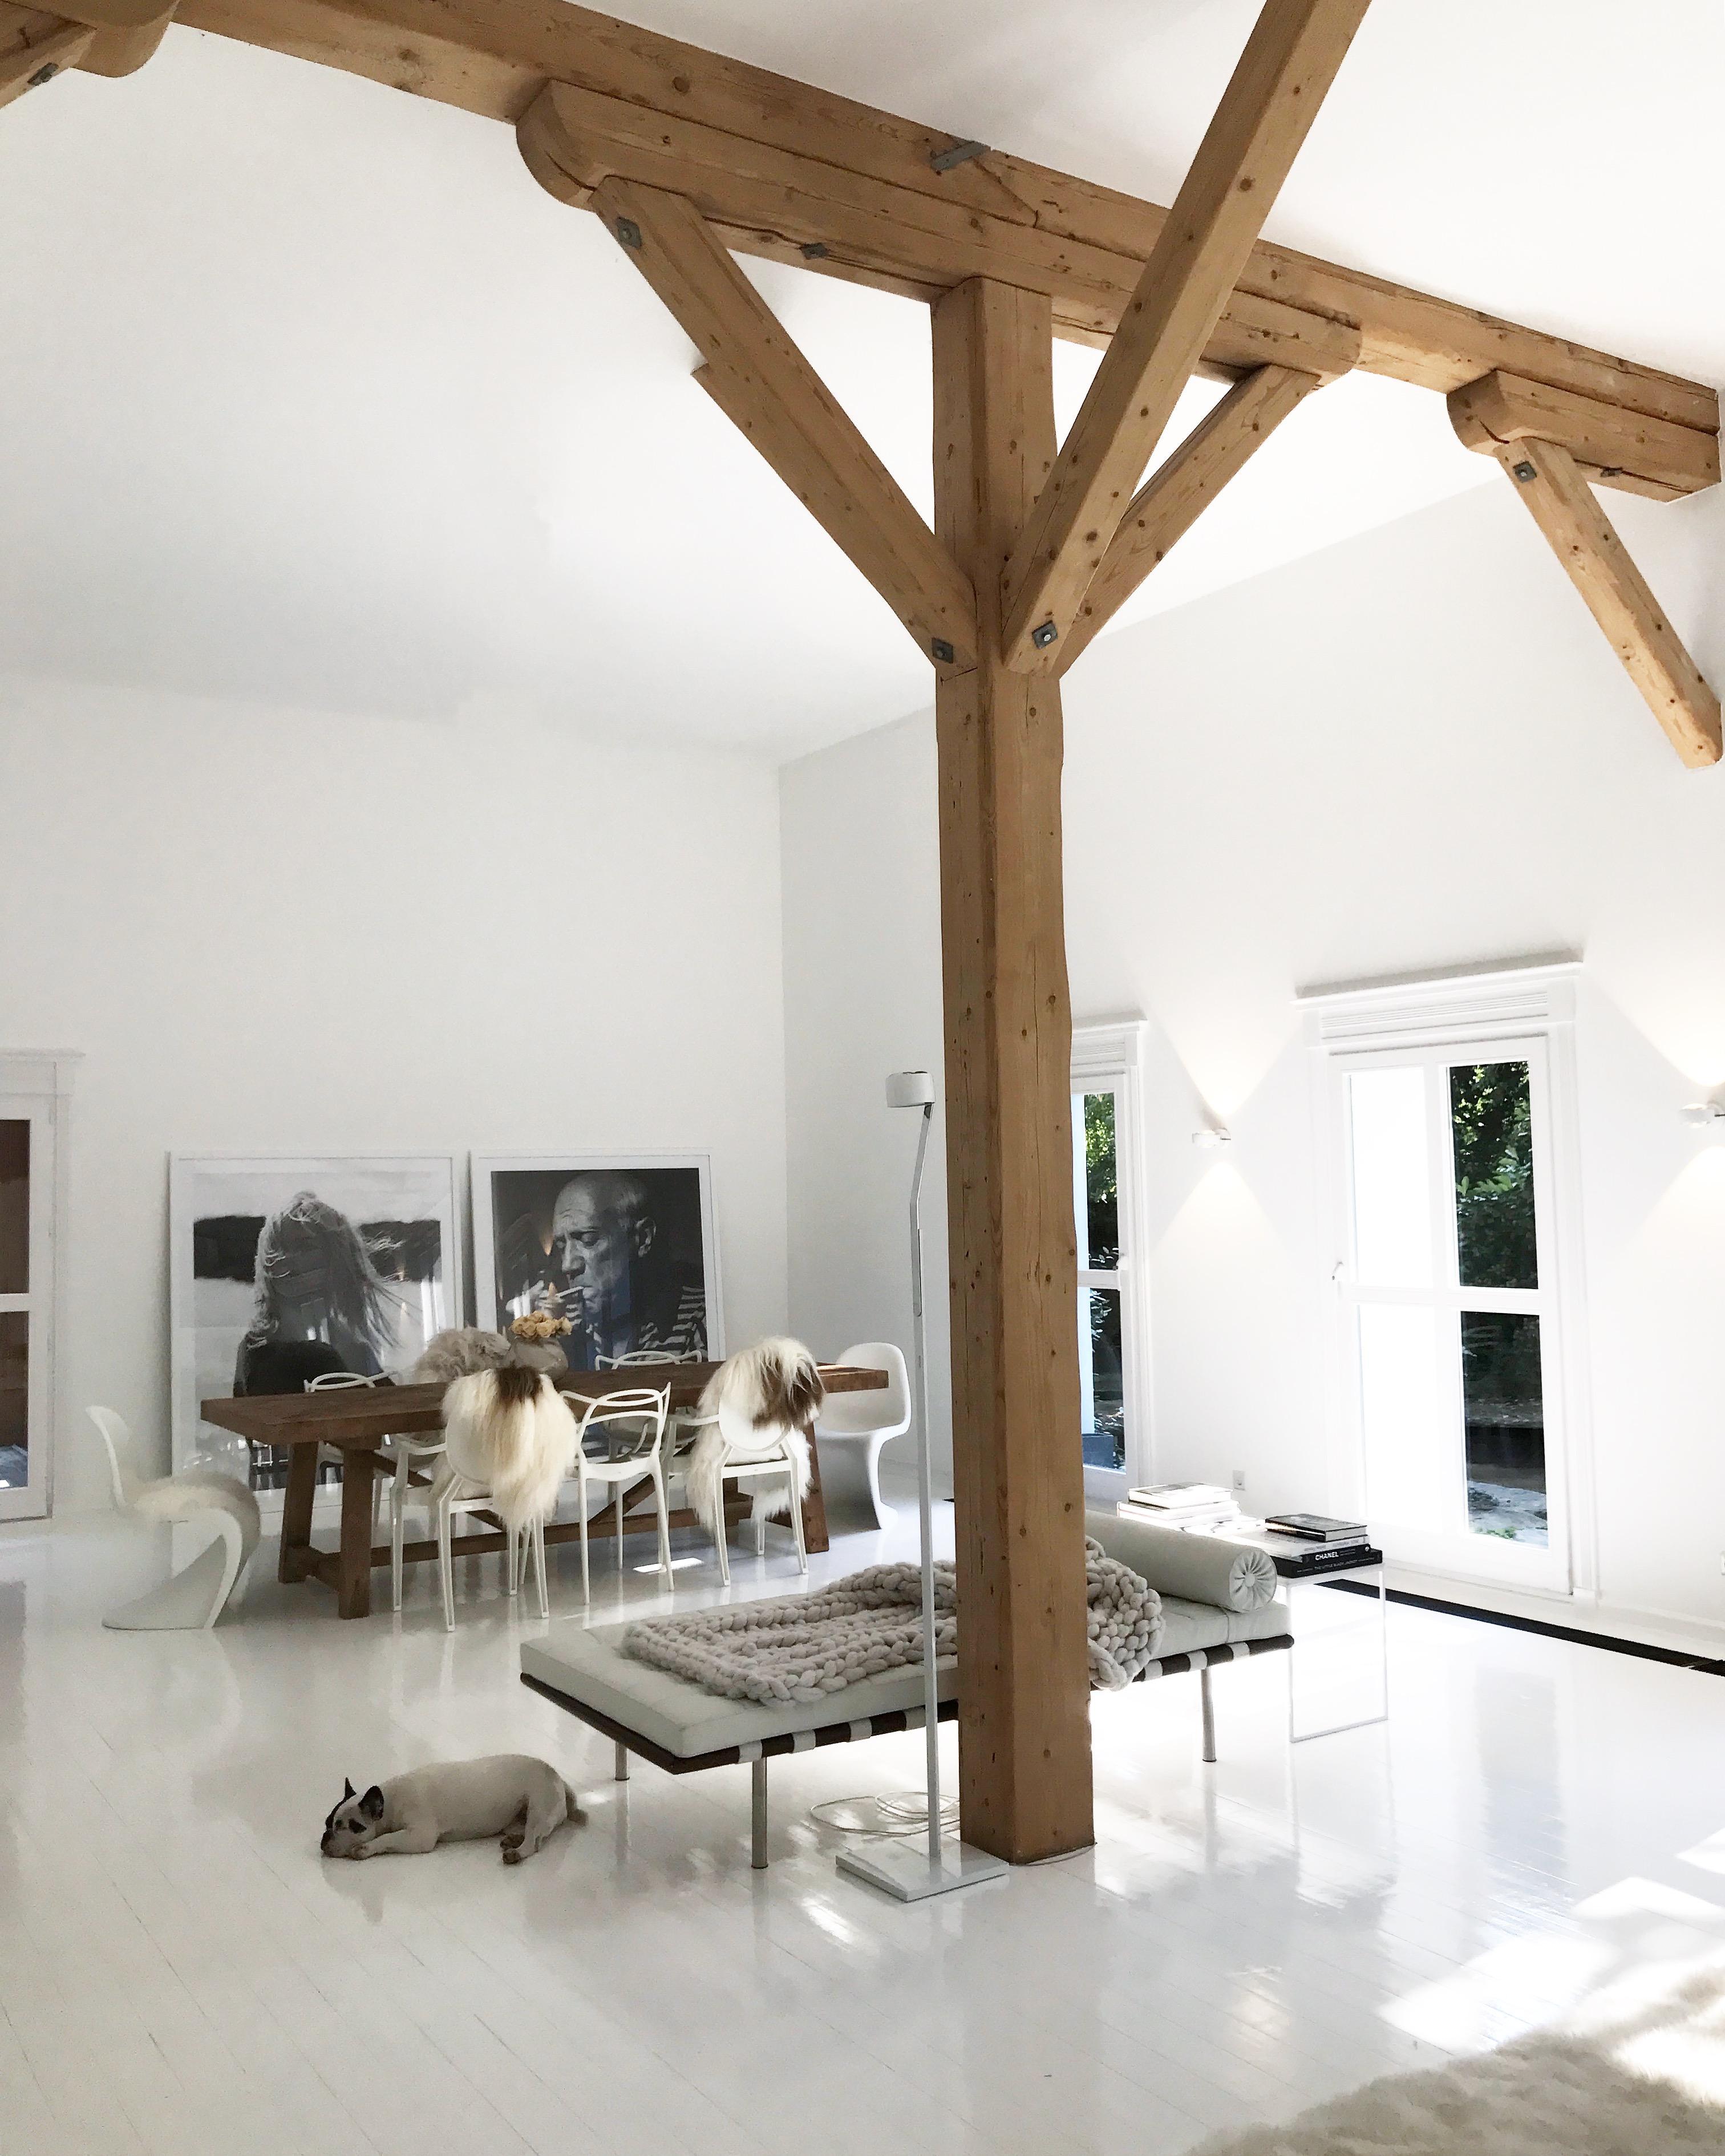 holz ? bilder & ideen ? couchstyle - Wohnzimmer Ideen Holz